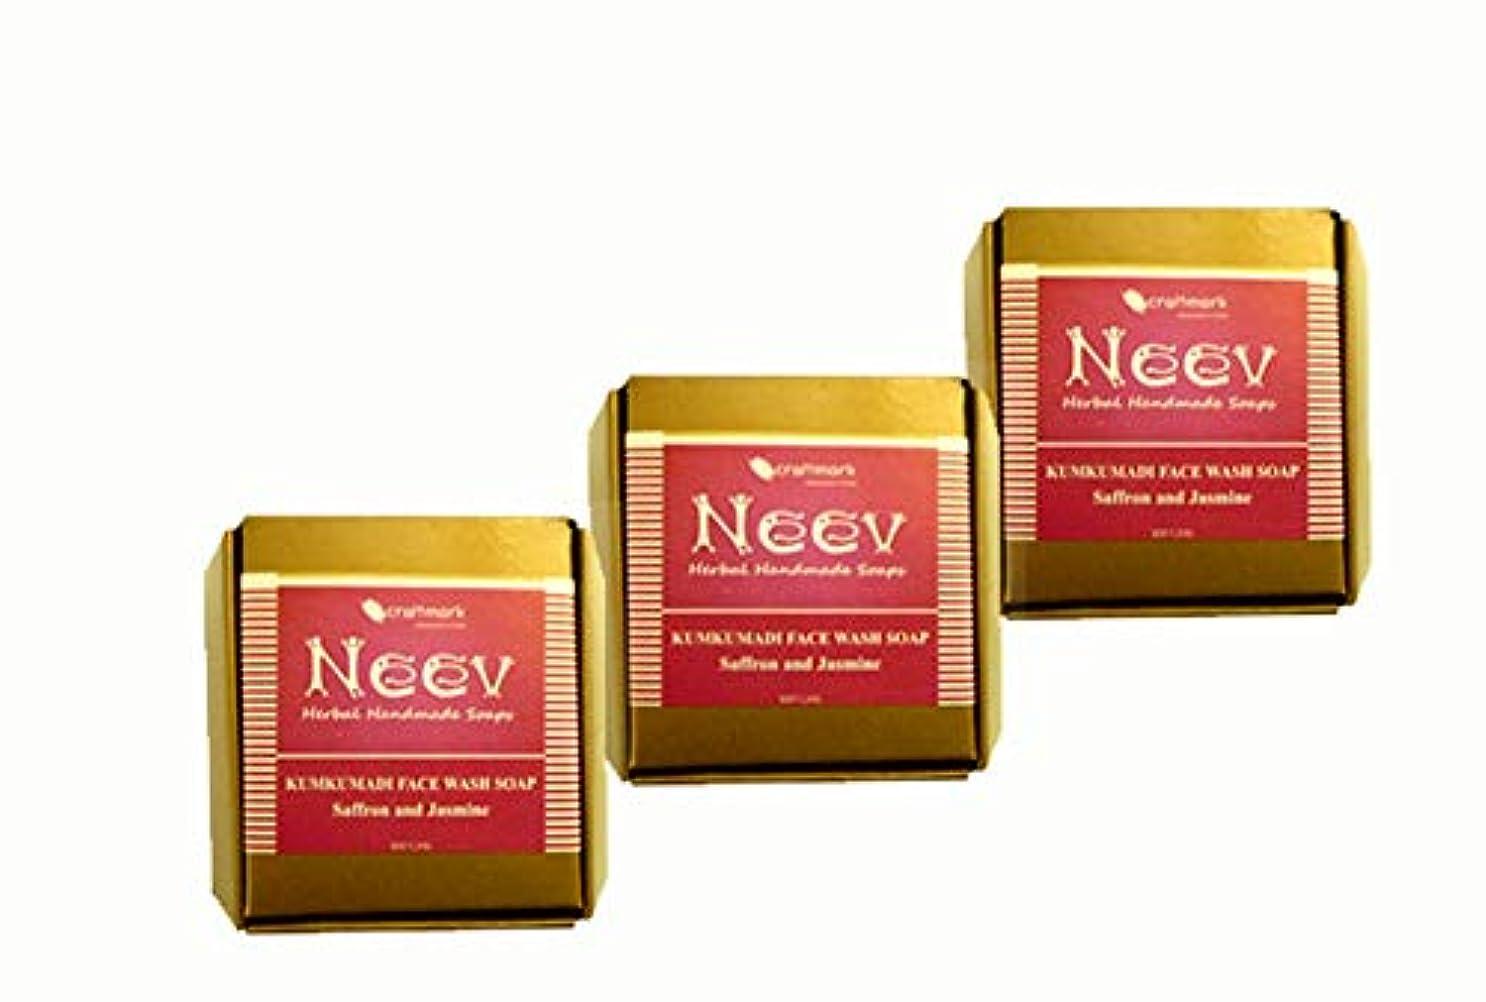 想像力豊かなパラメータボート手作り ニーブ クンクマディ フェイス ウォシュ ソープ 3セット AYURVEDA NEEV Herbal KUMKUMADI FACE WASH SOAP Saffron AND Jasmin